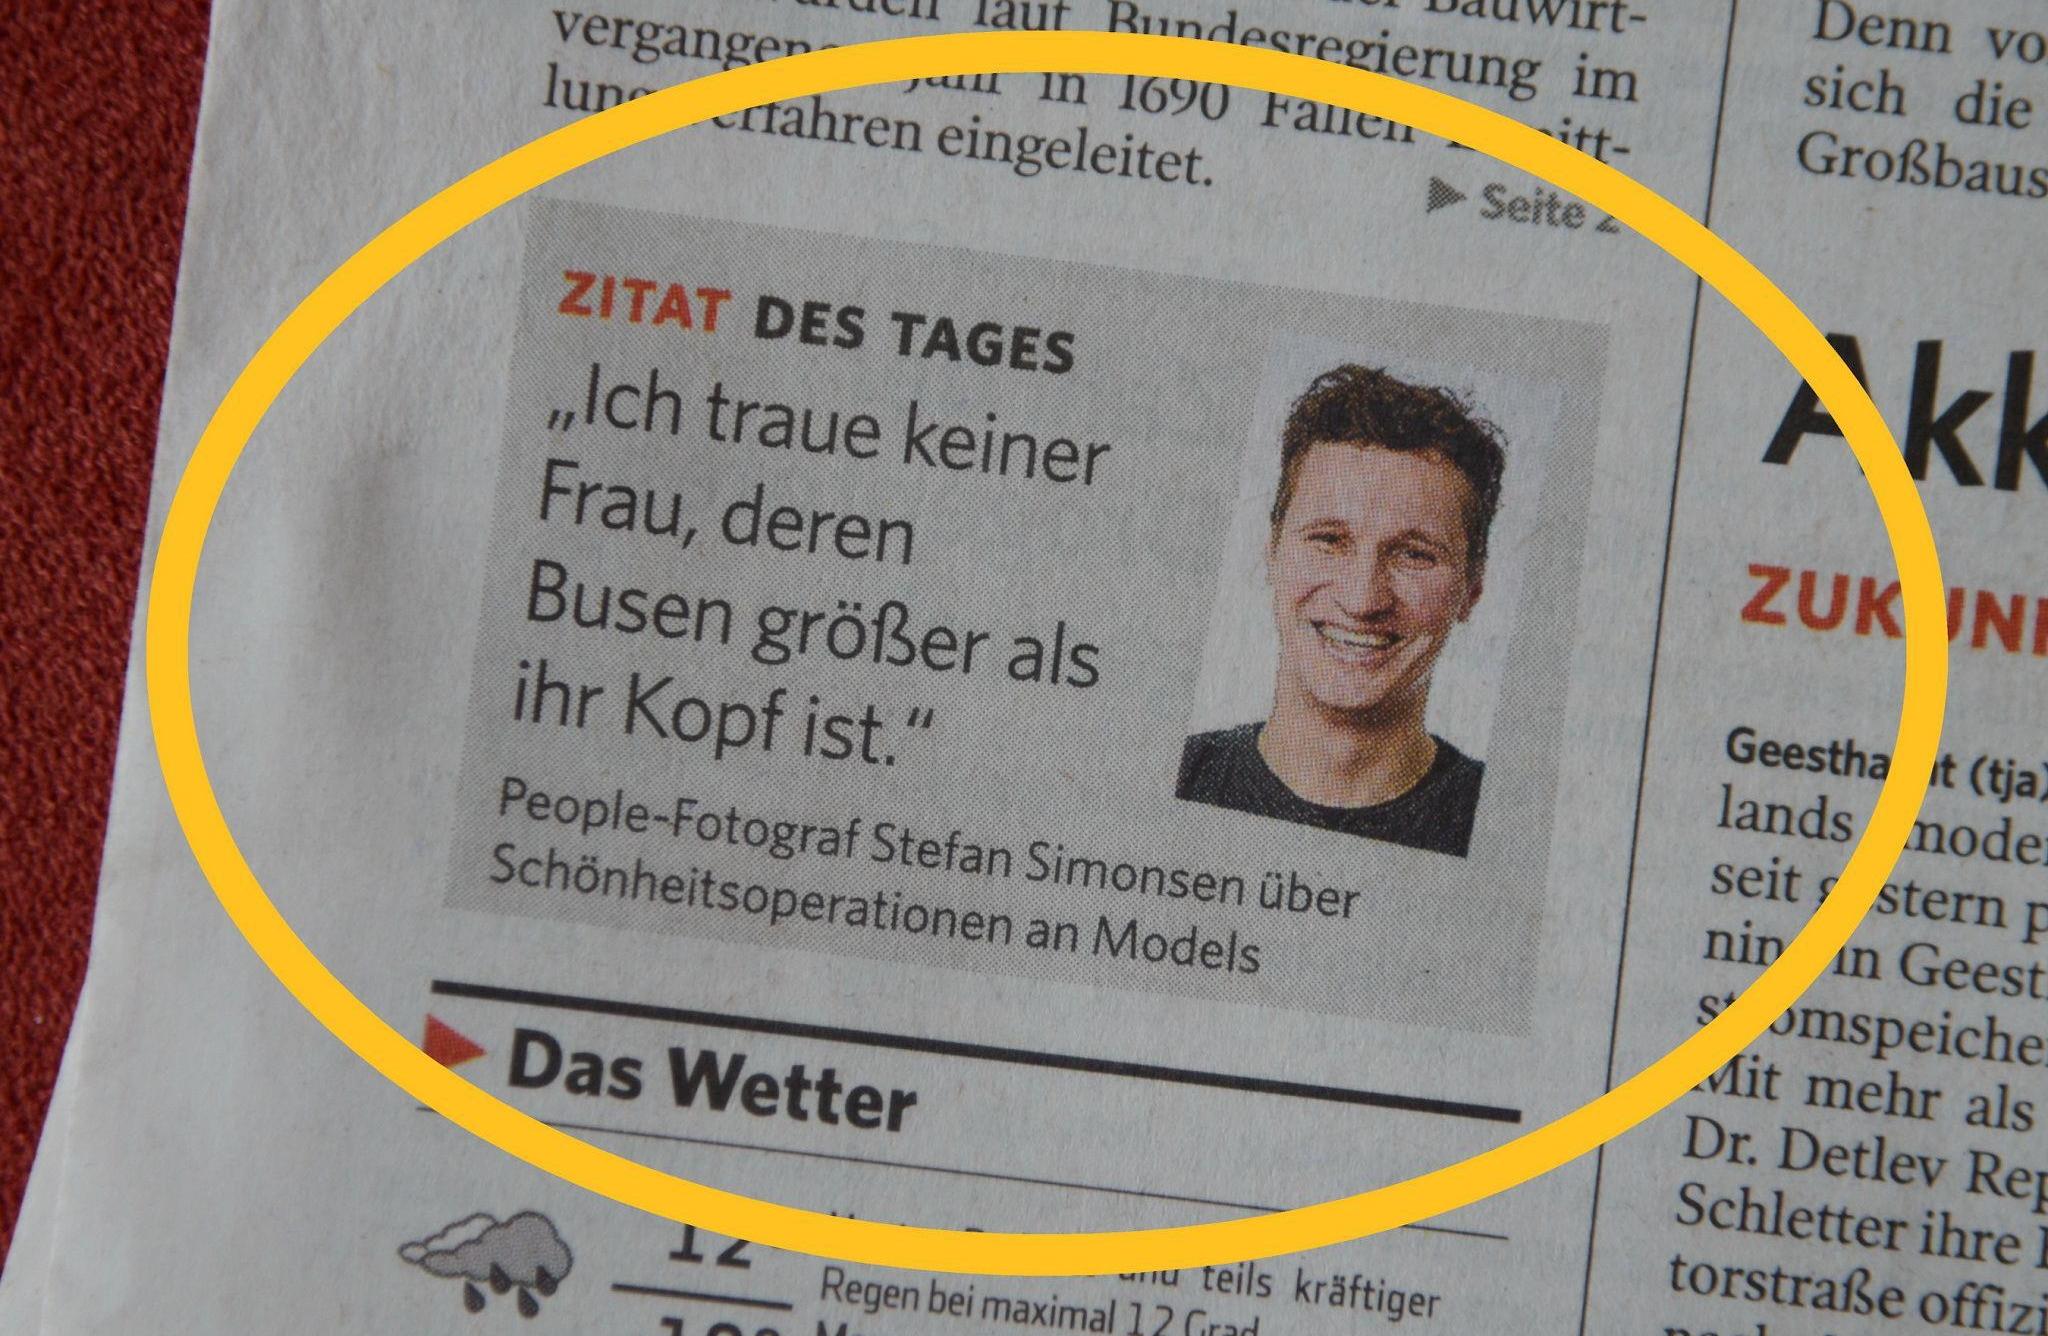 Fotojournalist Stefan Simonsen wird in der Bergedorfer Zeitung zitiert: Ich traue keiner Frau, deren Busen größer als ihr Kopf ist)